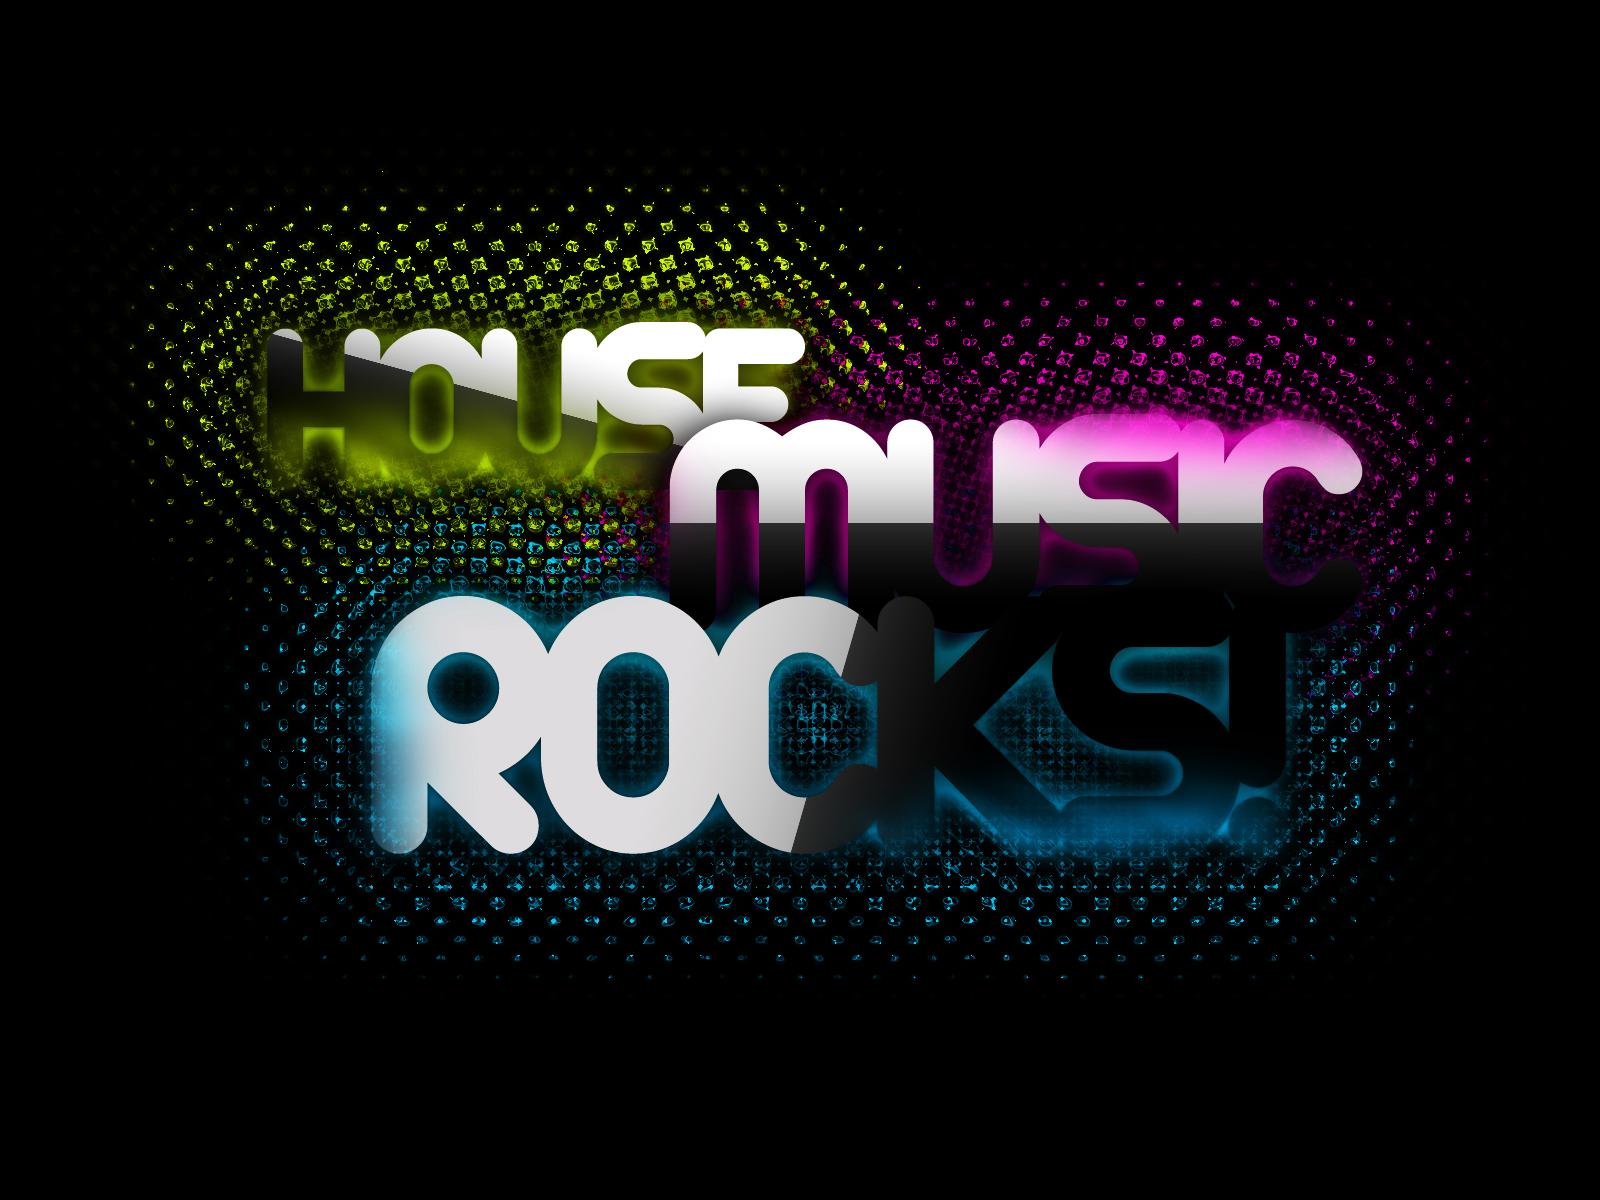 Housemusicrocks by sunboom on deviantart for House music 2008